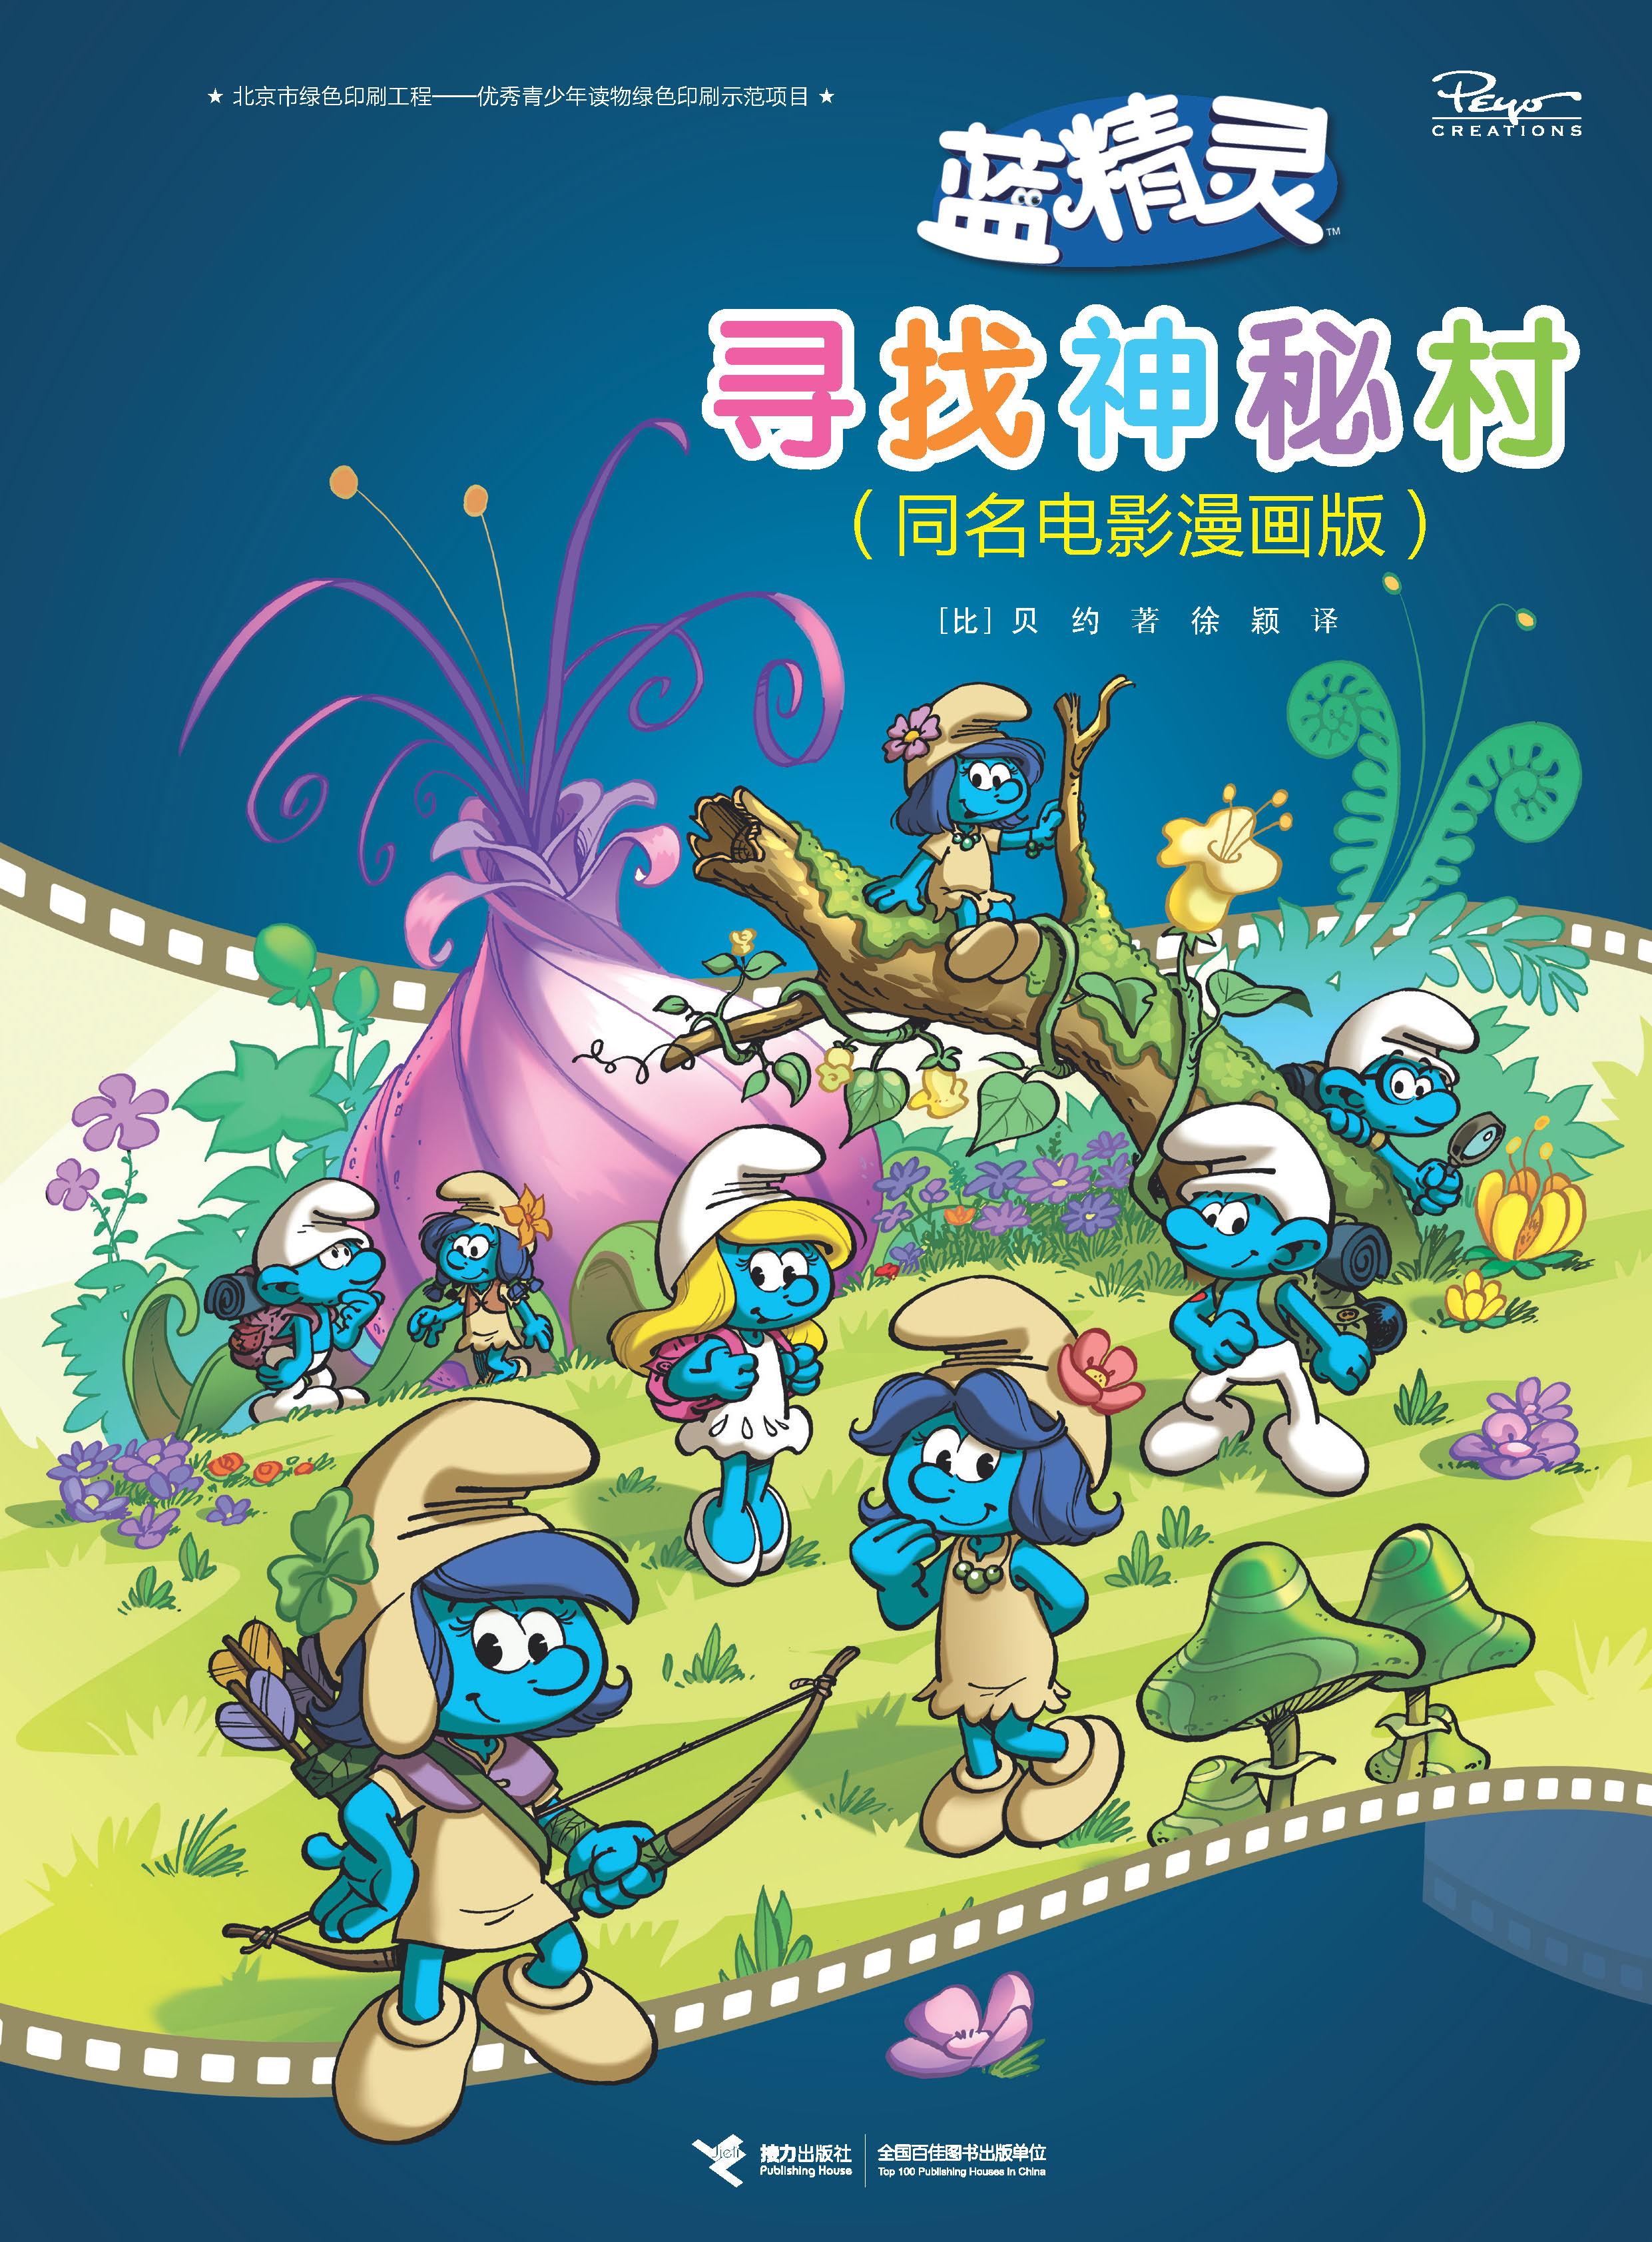 蓝精灵:寻找神秘村:同名电影漫画版